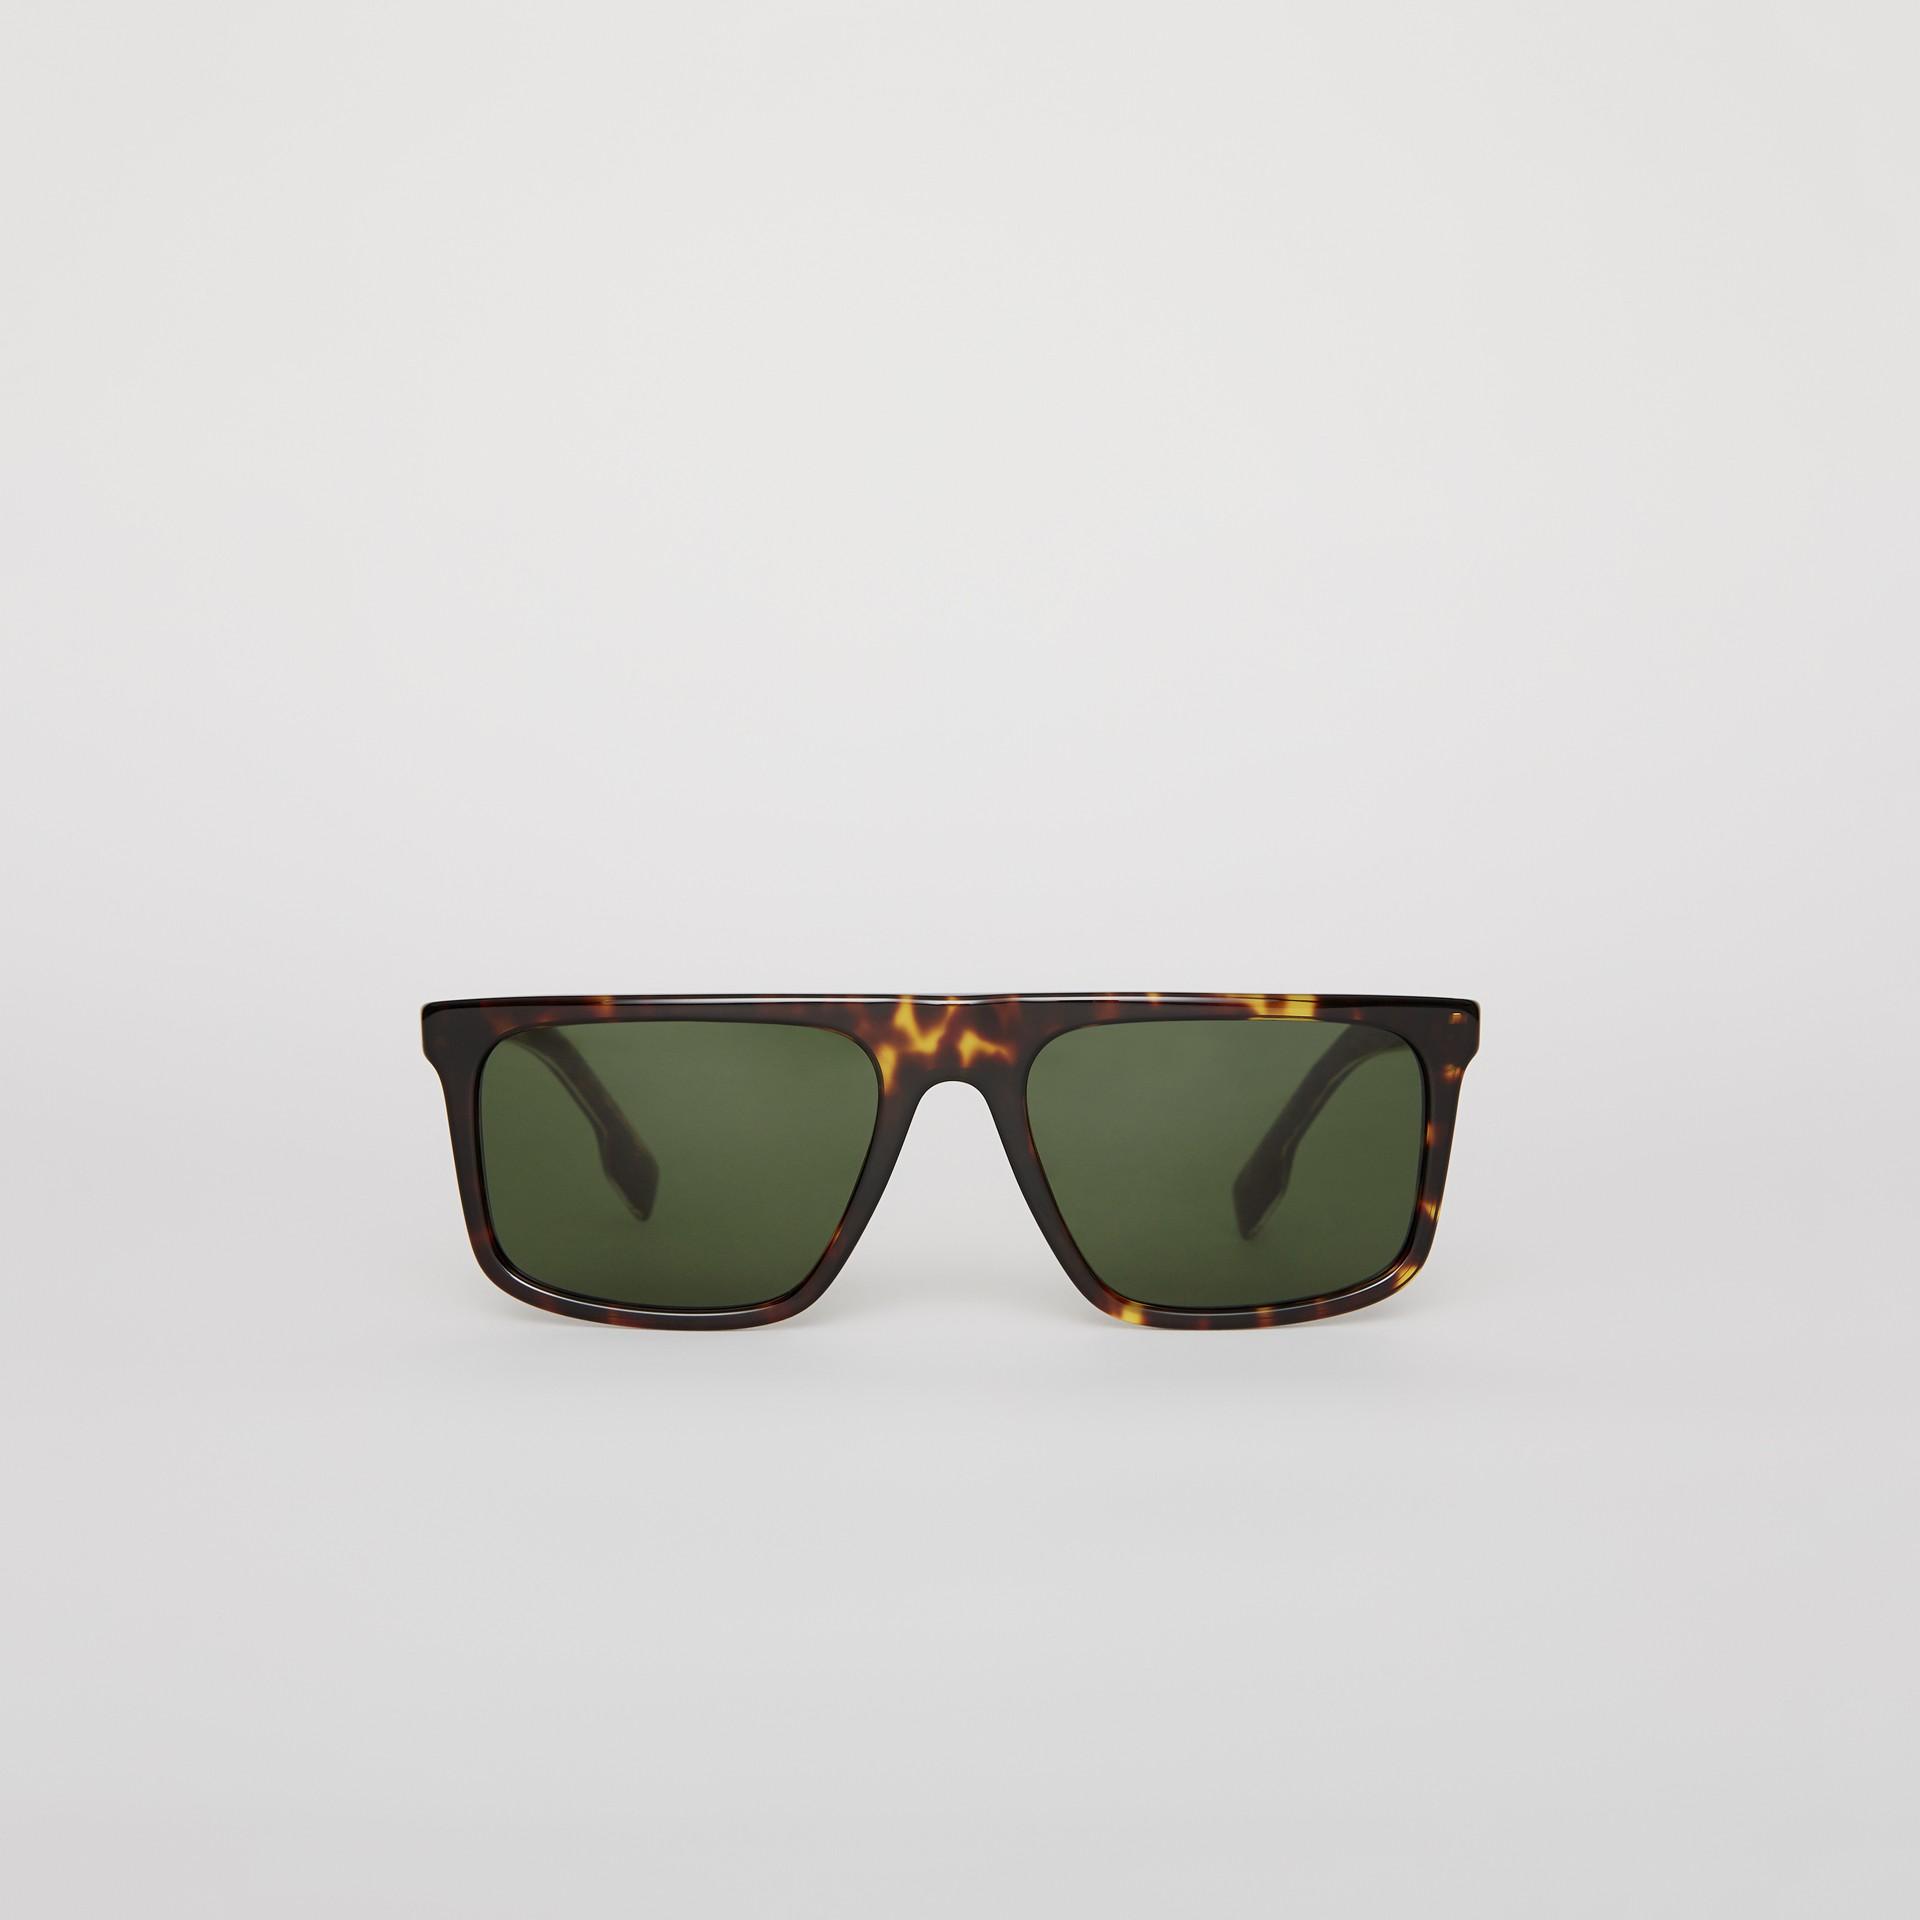 Óculos de sol com armação reta (Casco  Tartaruga) - Homens | Burberry - galeria de imagens 0